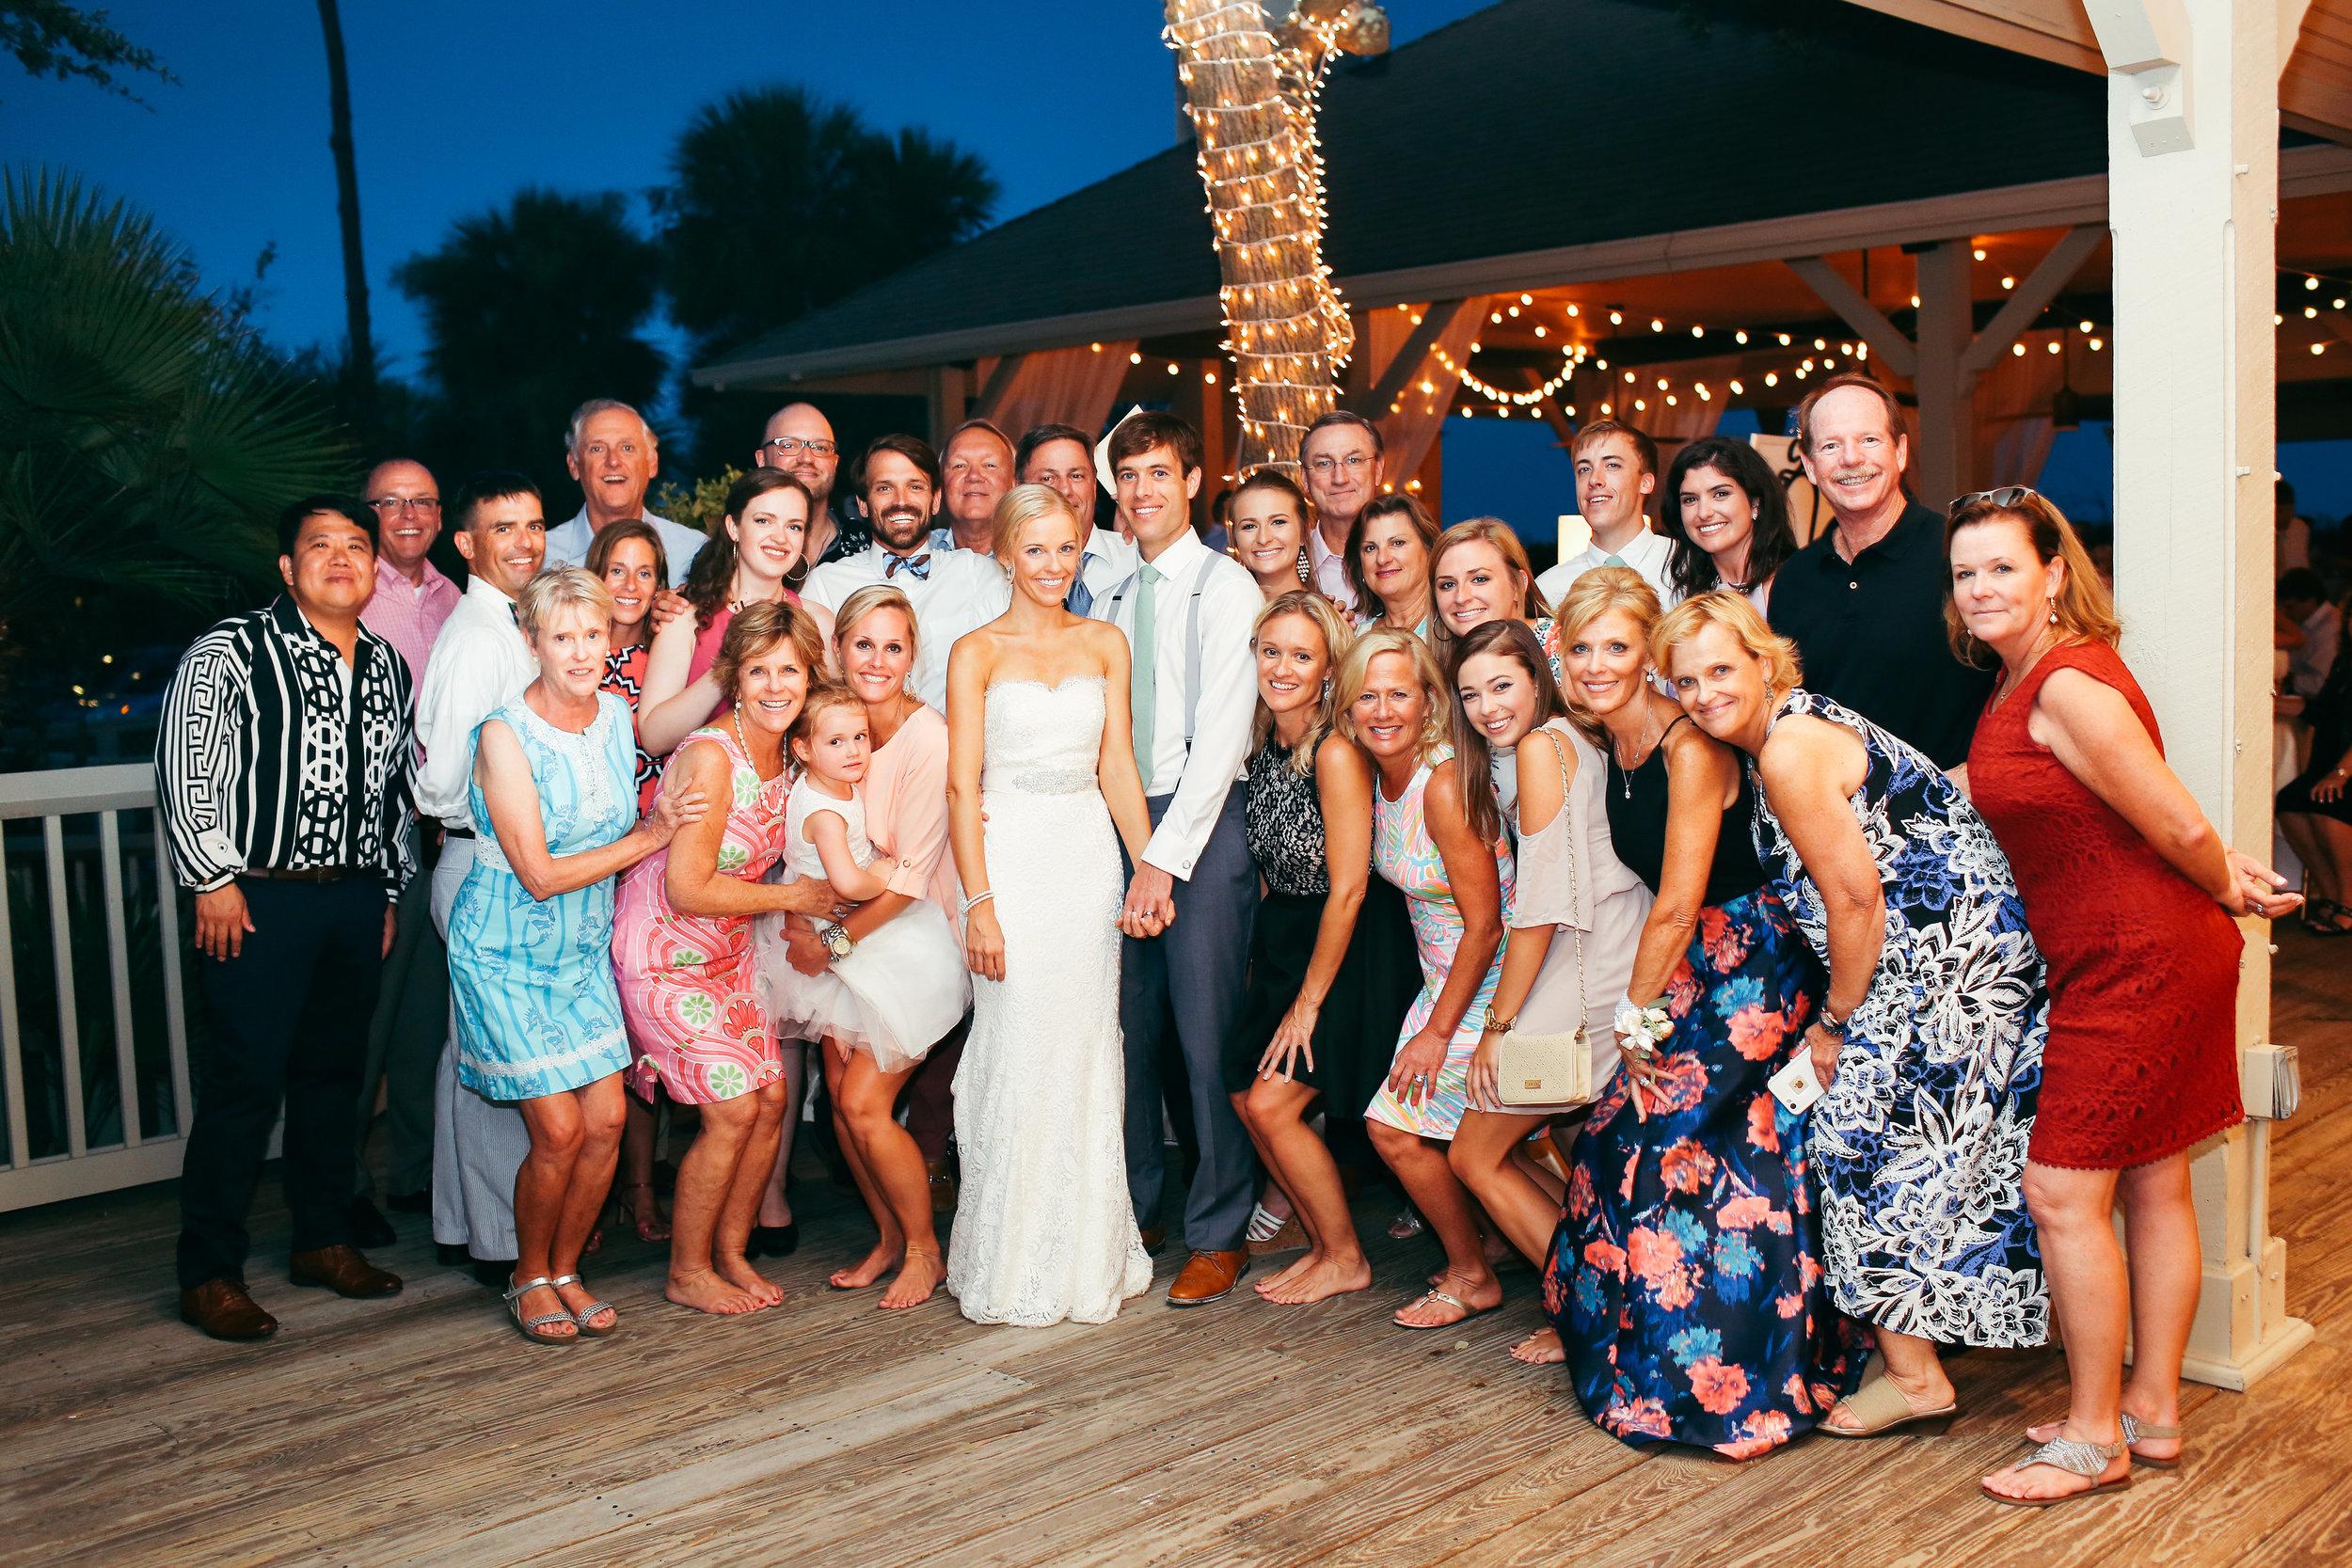 omni-hilton-head-wedding-59.jpg